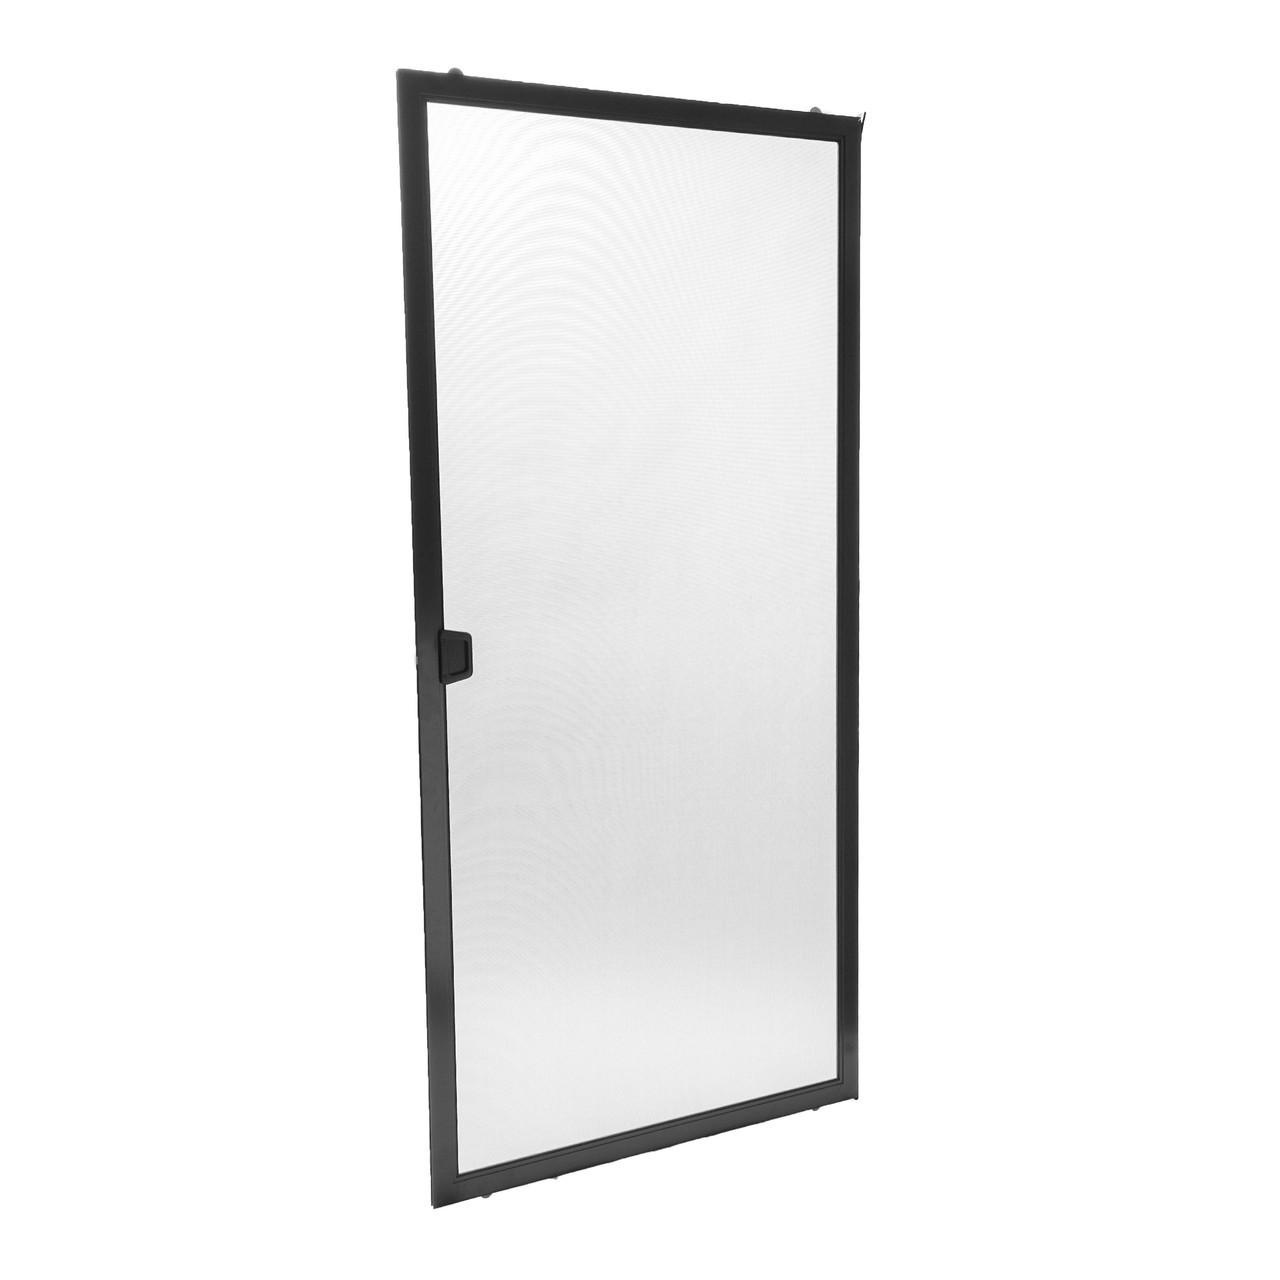 34 inch patio screen door 36 quot wht patio scr door join for Patio screen door replacement